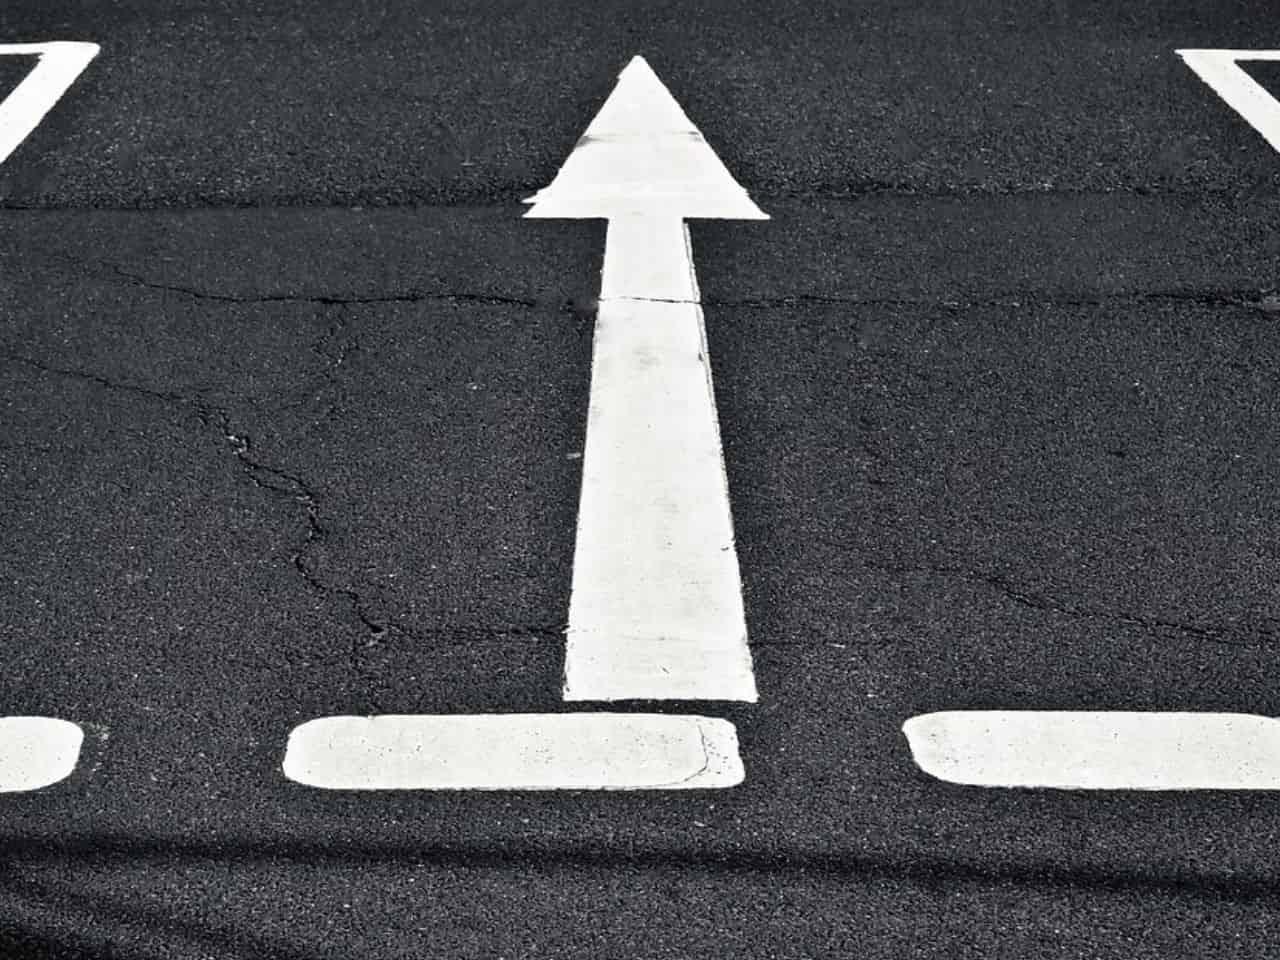 直進を示す道路表示